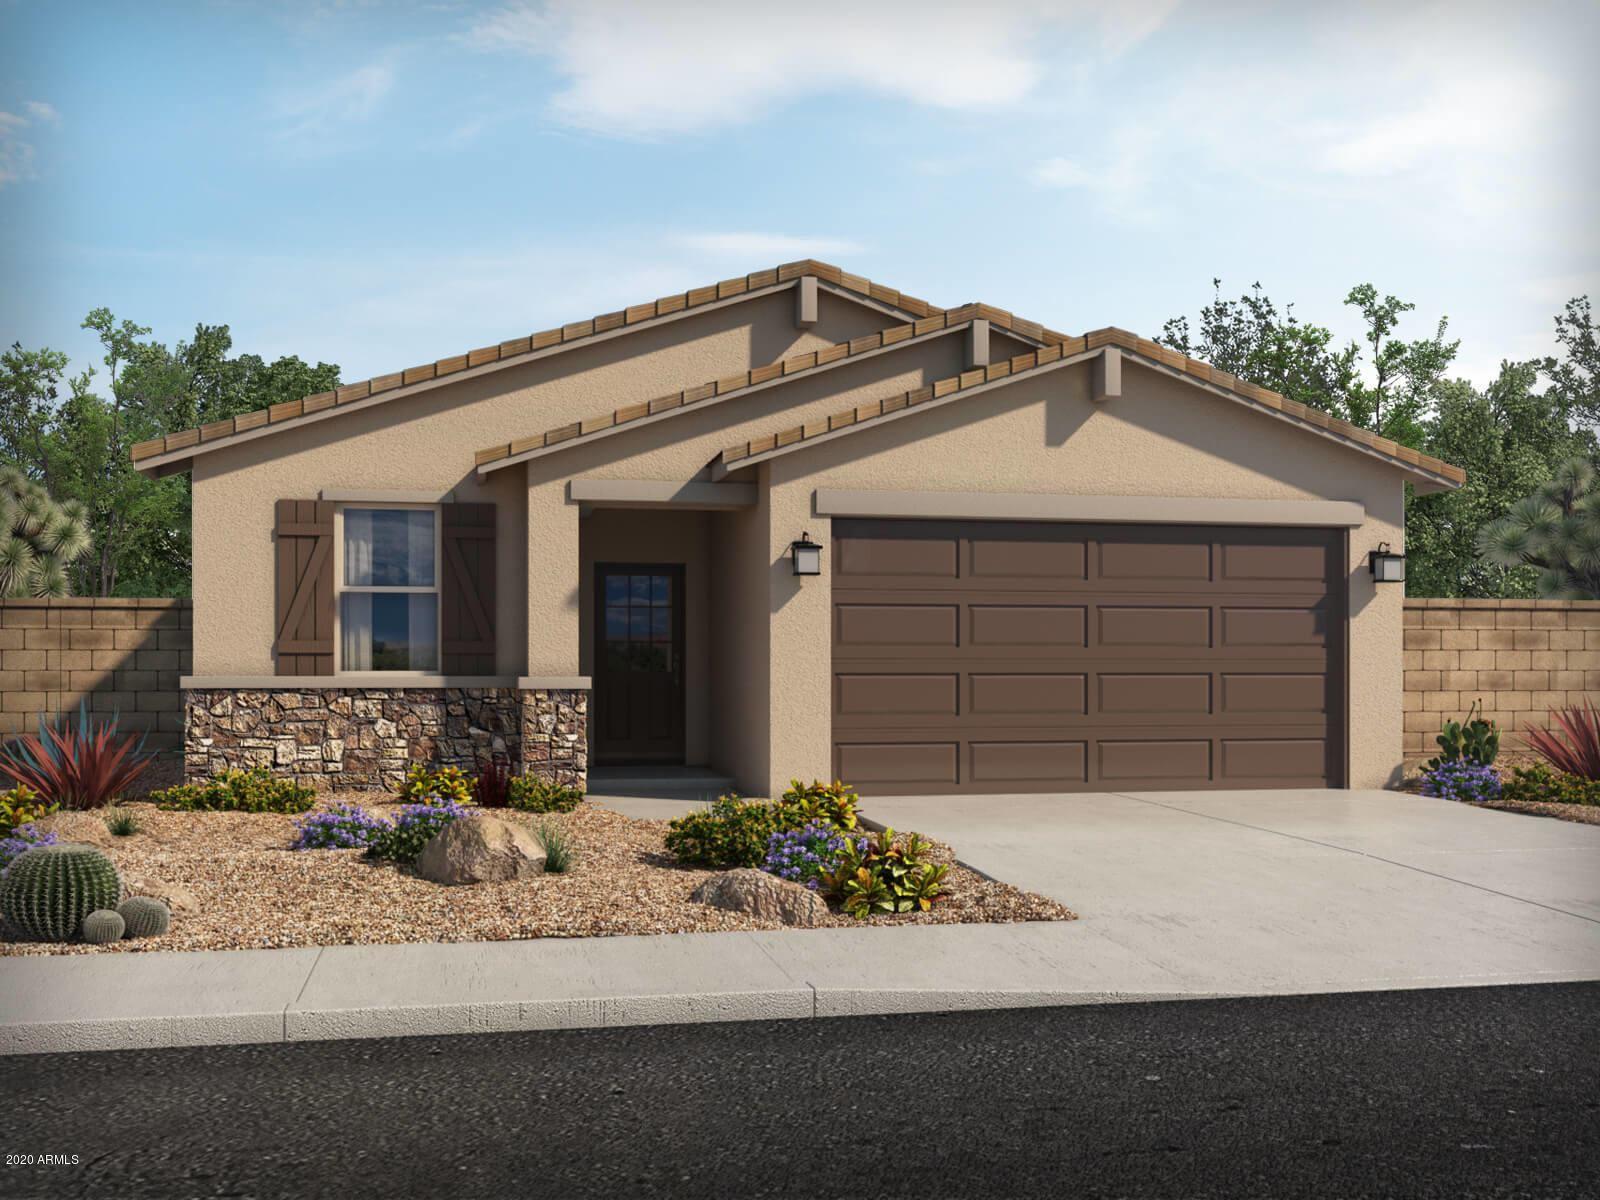 40190 W Williams Way, Maricopa, AZ 85138 - MLS#: 6131673